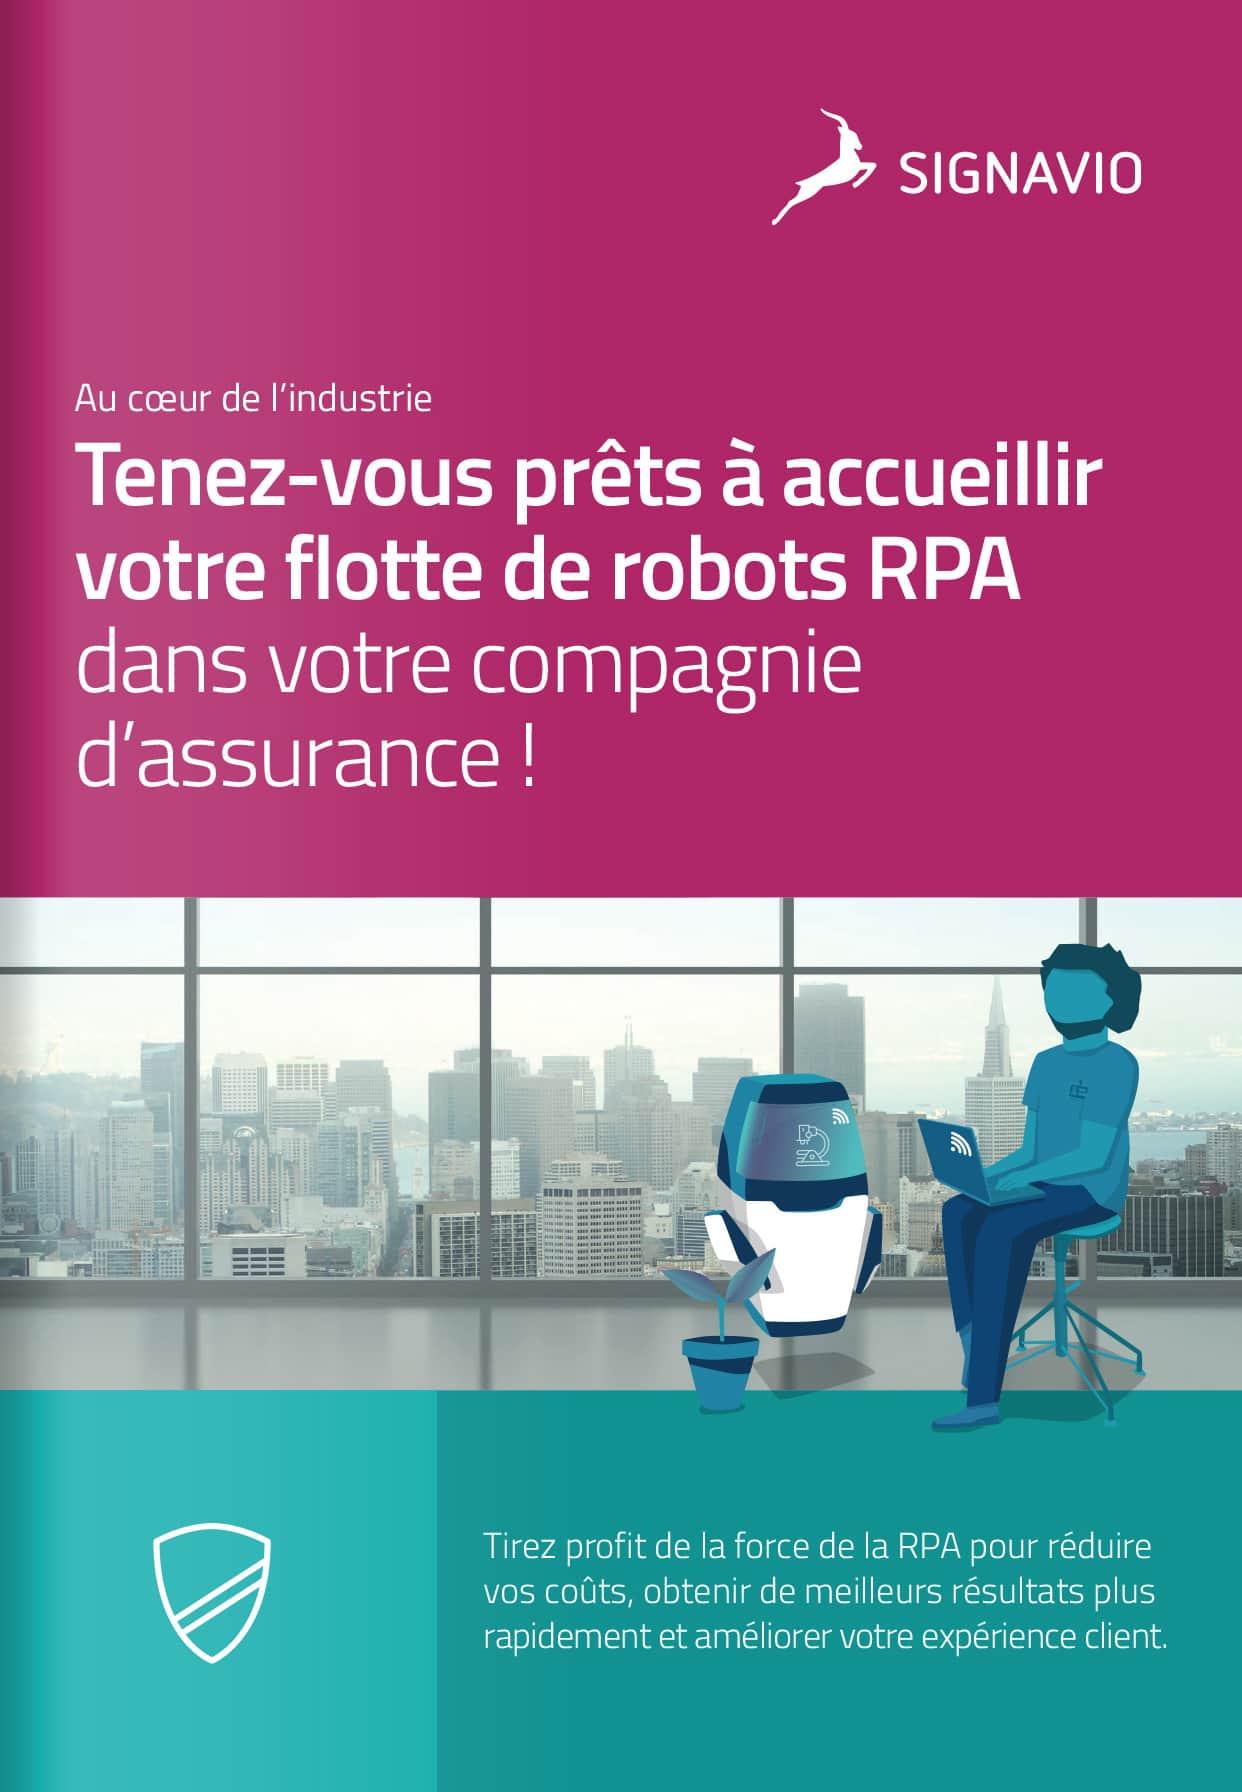 Tenez-vous prêts à accueillir votre flotte de robots RPA dans votre compagnie d'assurance